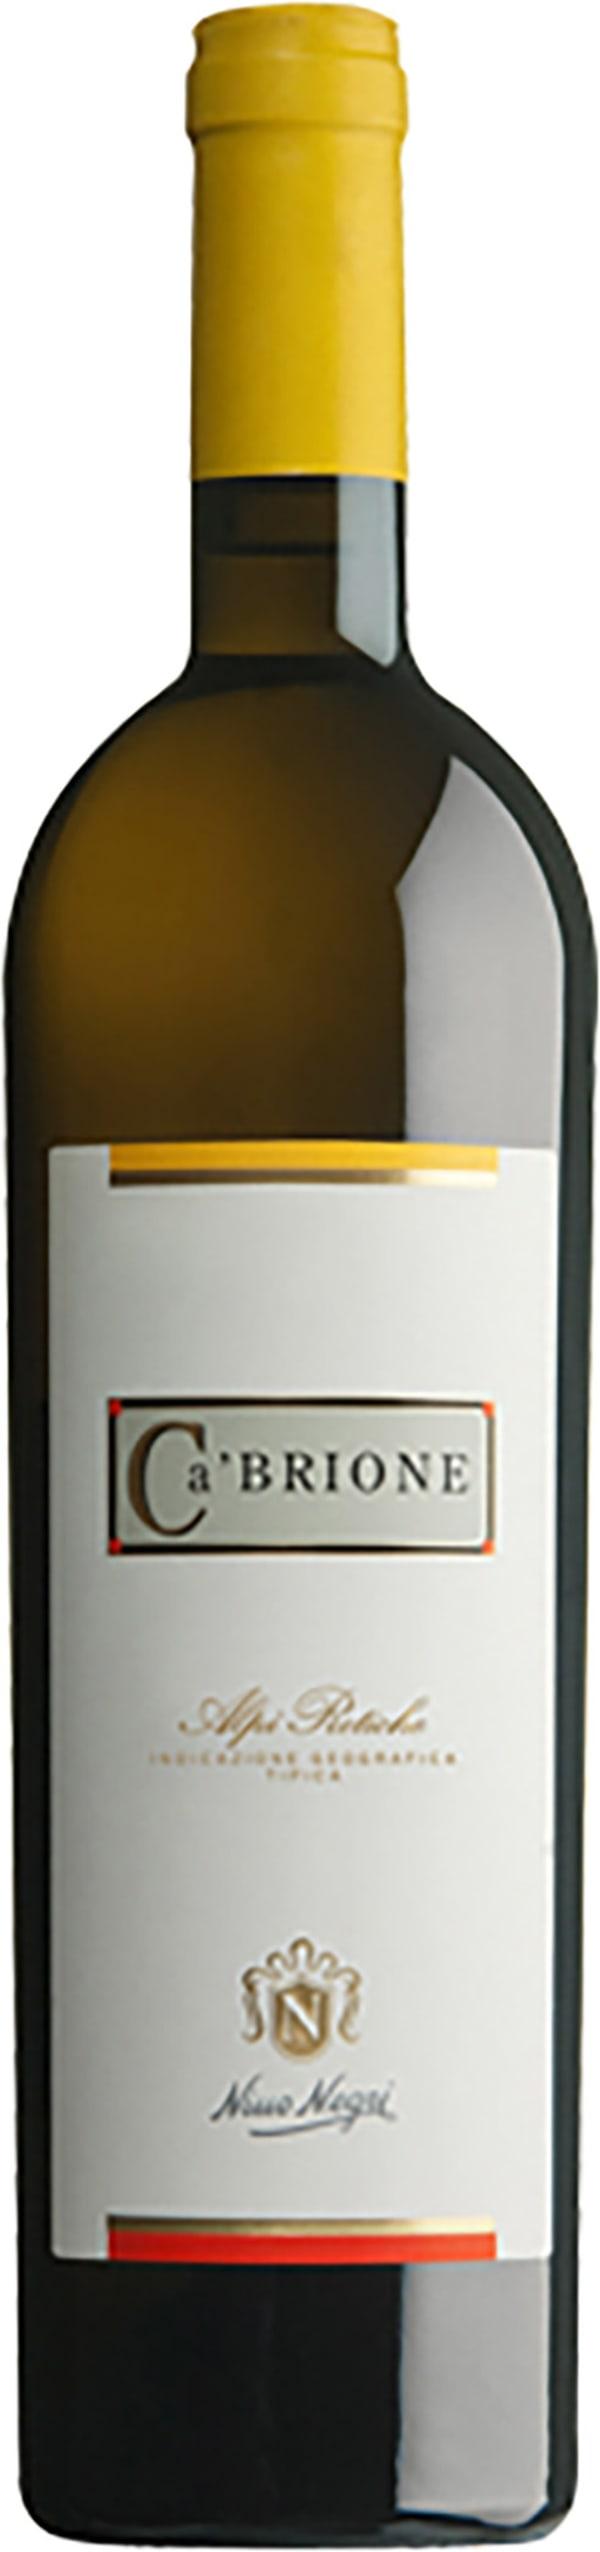 Nino Negri Ca' Brione 2019